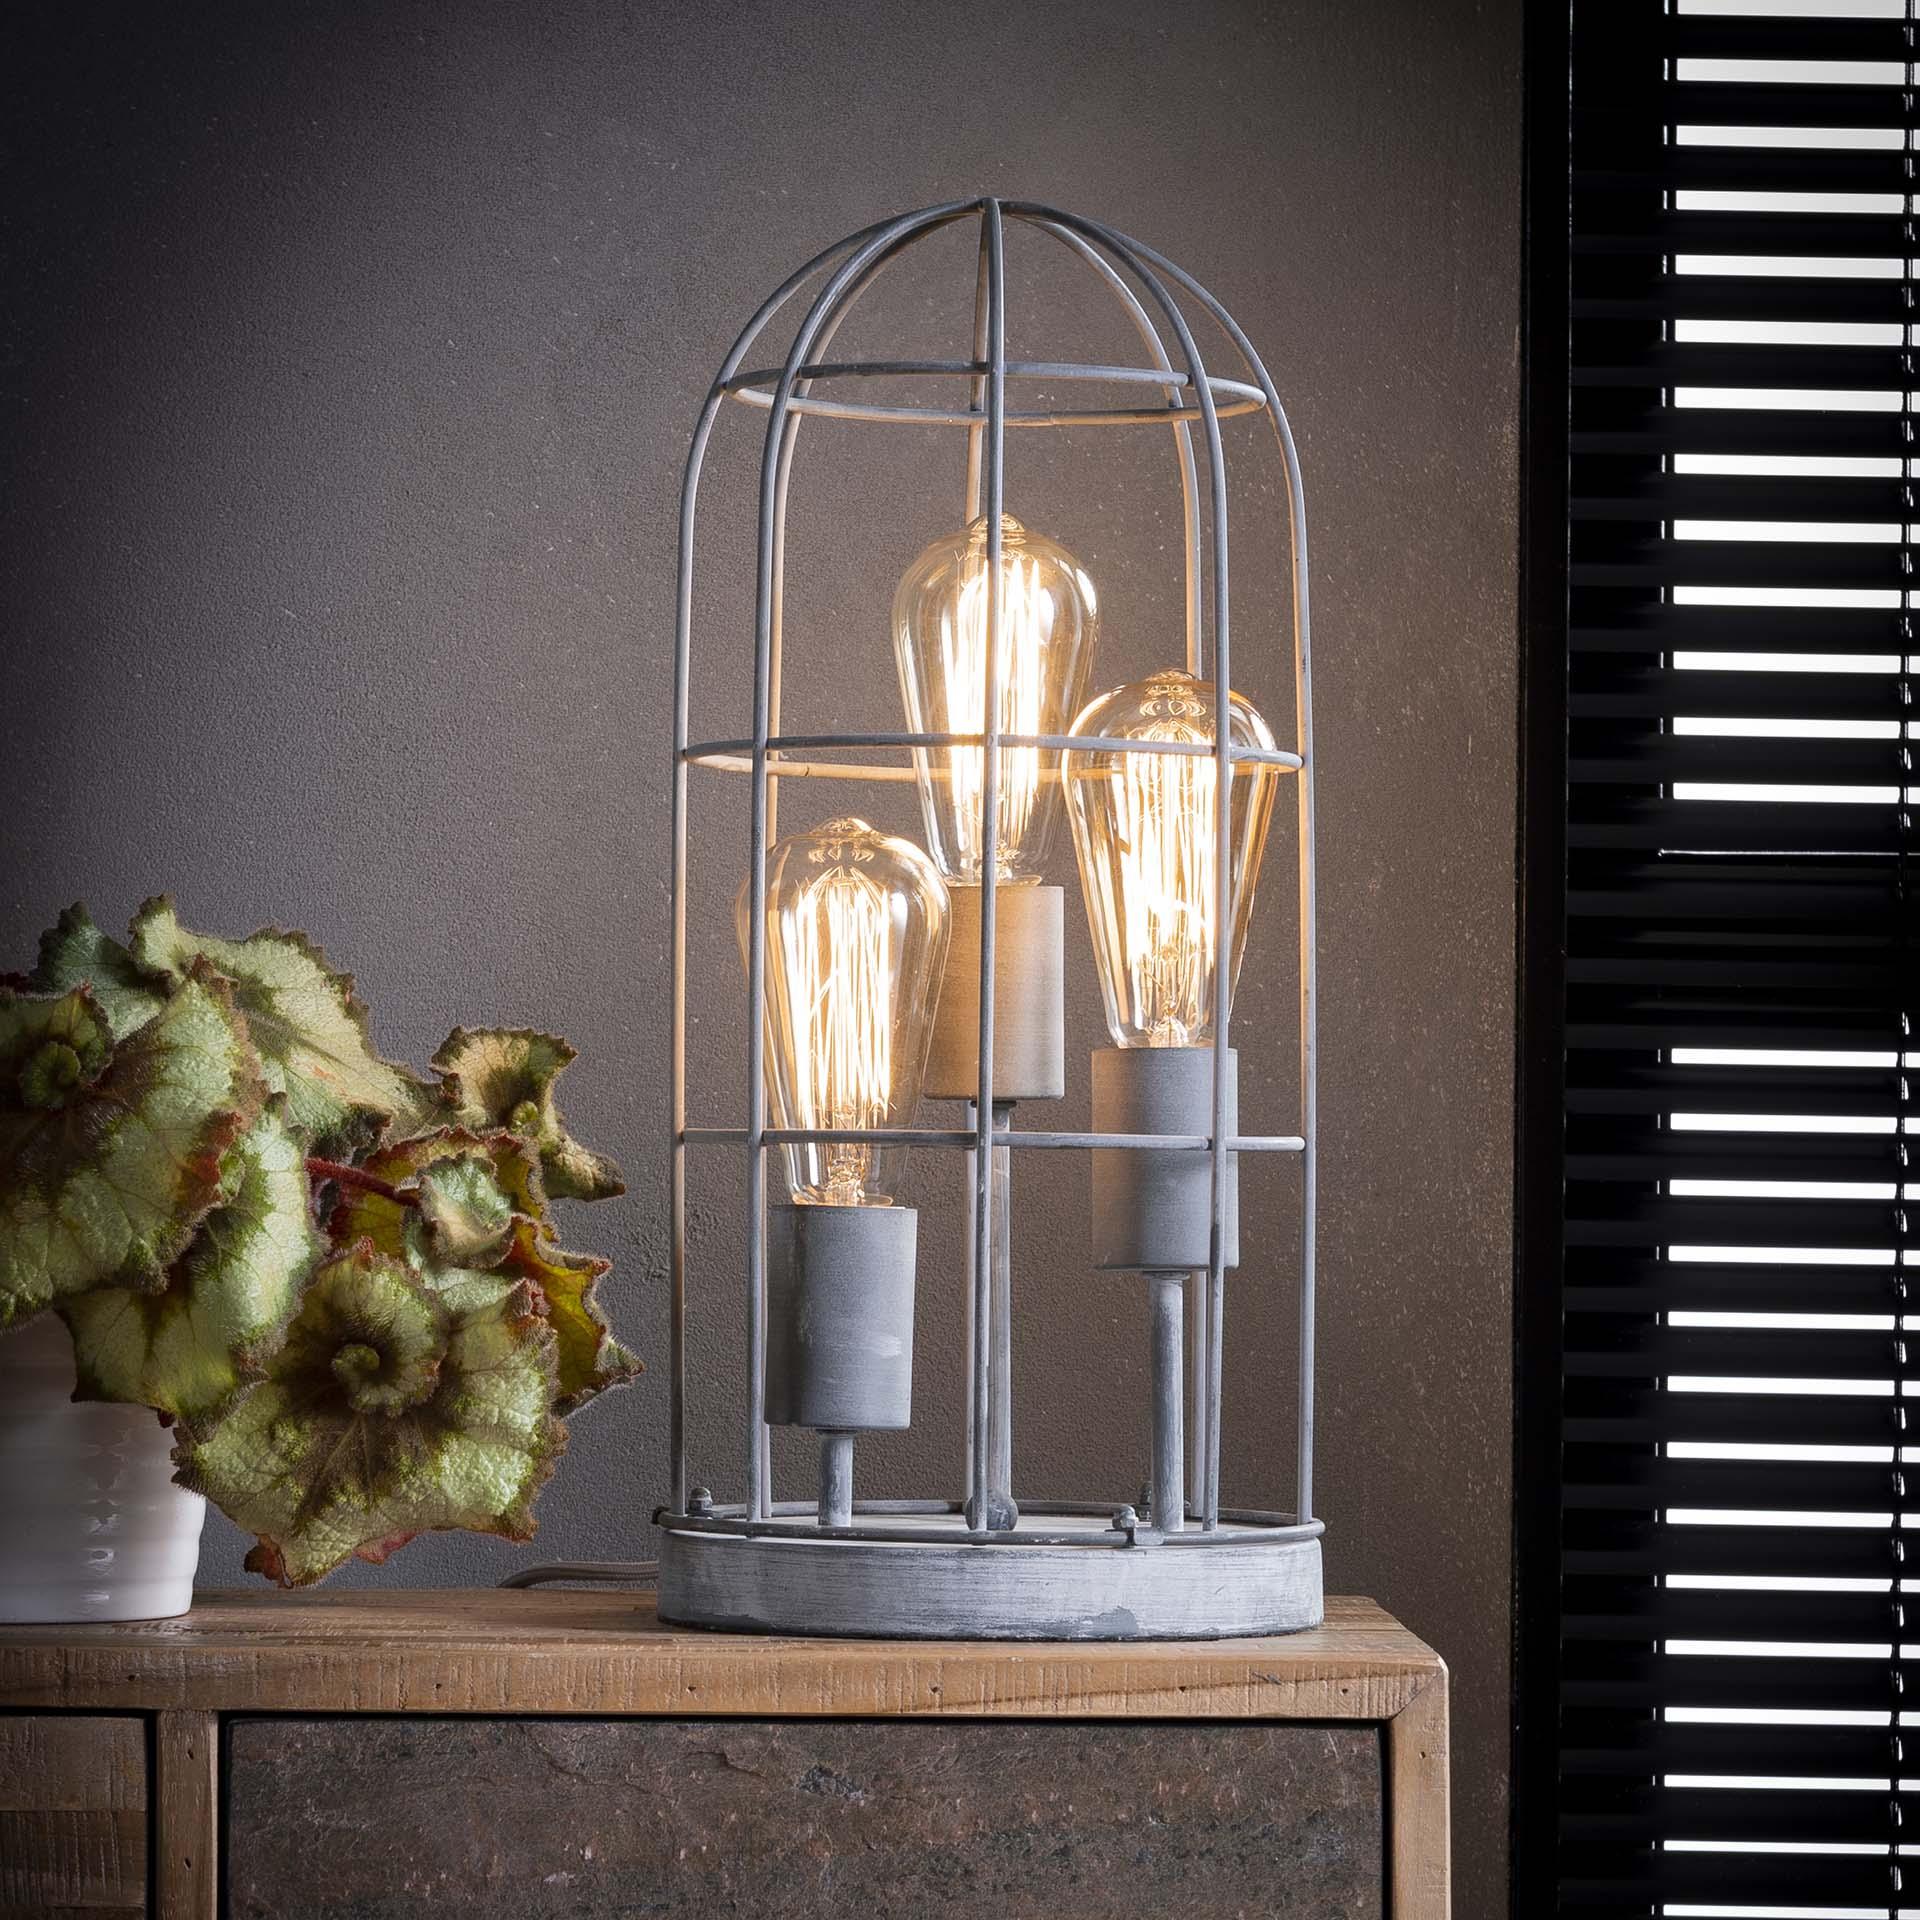 Tafellamp 'Channing' 3-lamps, 20cm Verlichting | Tafellampen kopen